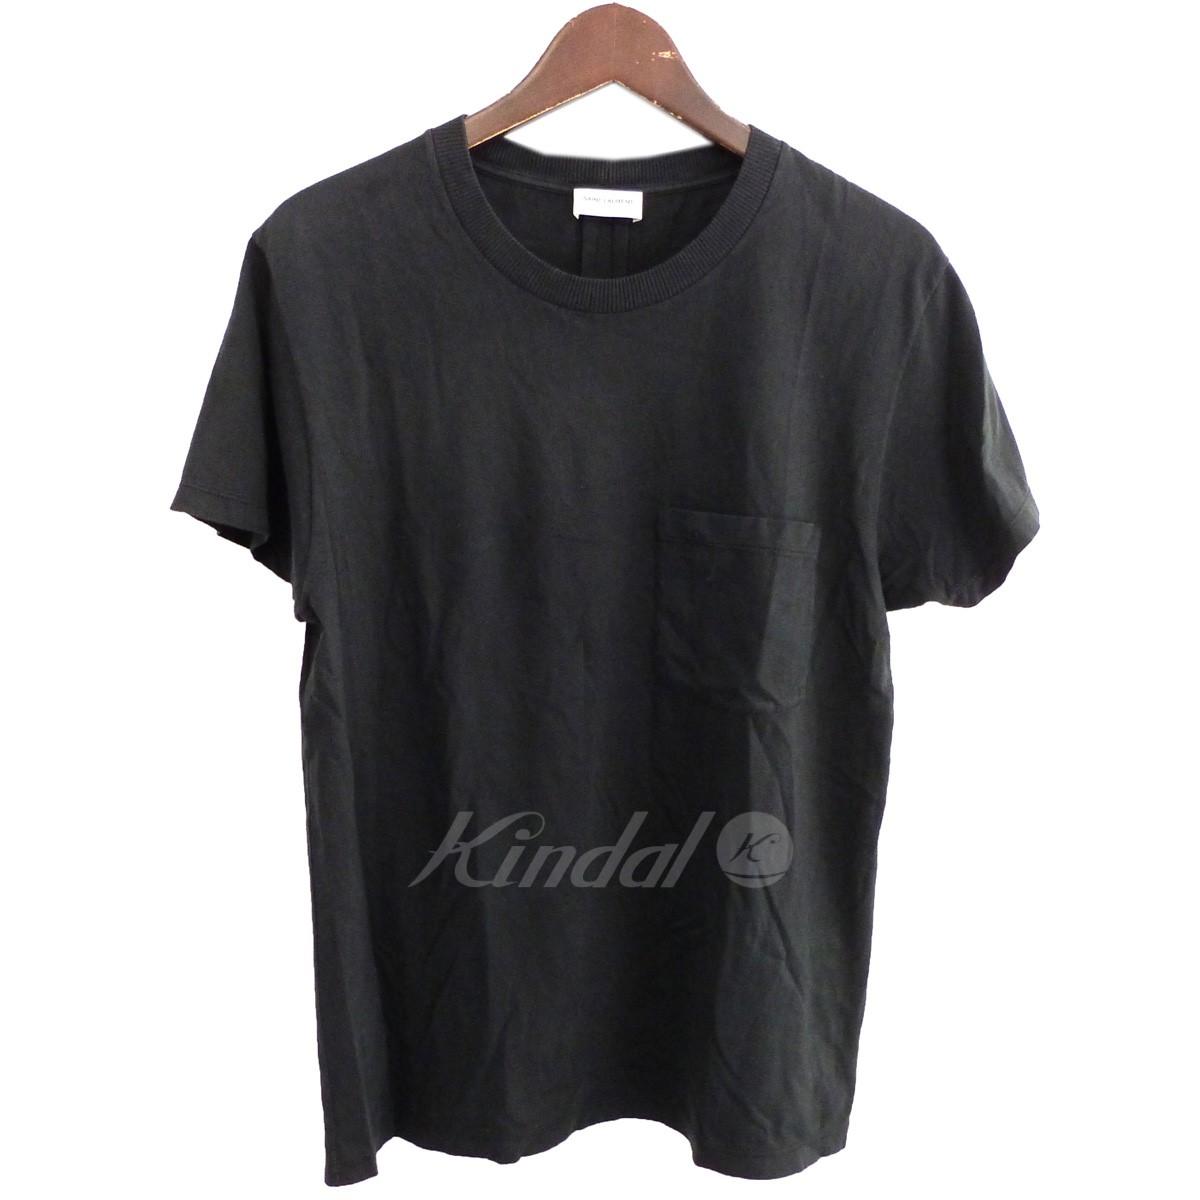 【中古】SAINT LAURENT PARIS 15AW カサンドラロゴ胸ポケットTシャツ 【送料無料】 【161329】 【KIND1641】